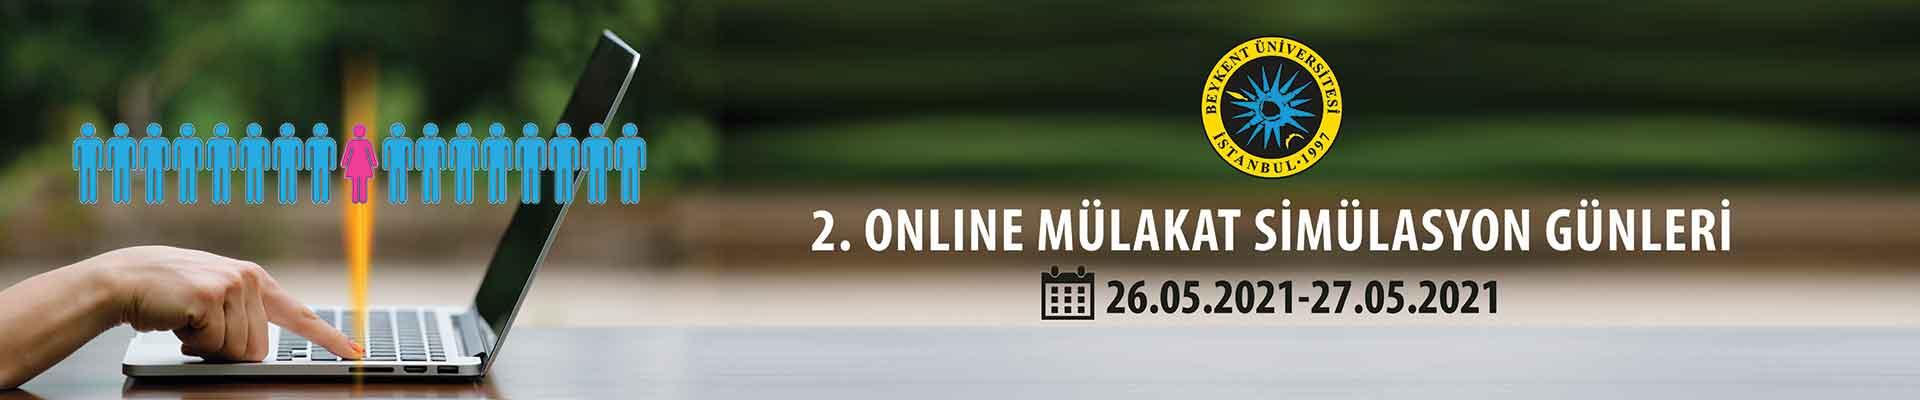 2. Online Mülakat Simülasyon Günleri